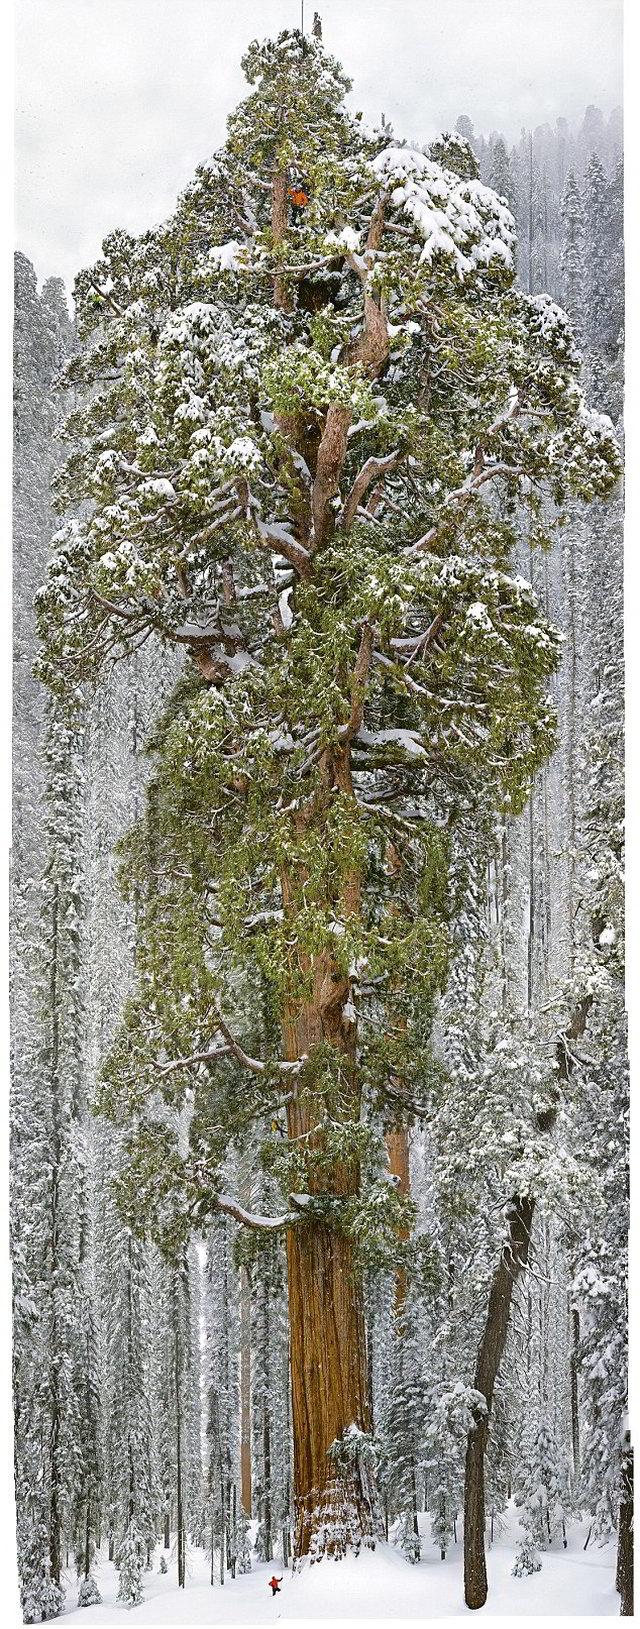 Científicos-sacaron-136-fotos-para-obtener-una-foto-completa-del-árbol-más-grande-del-mundo-06